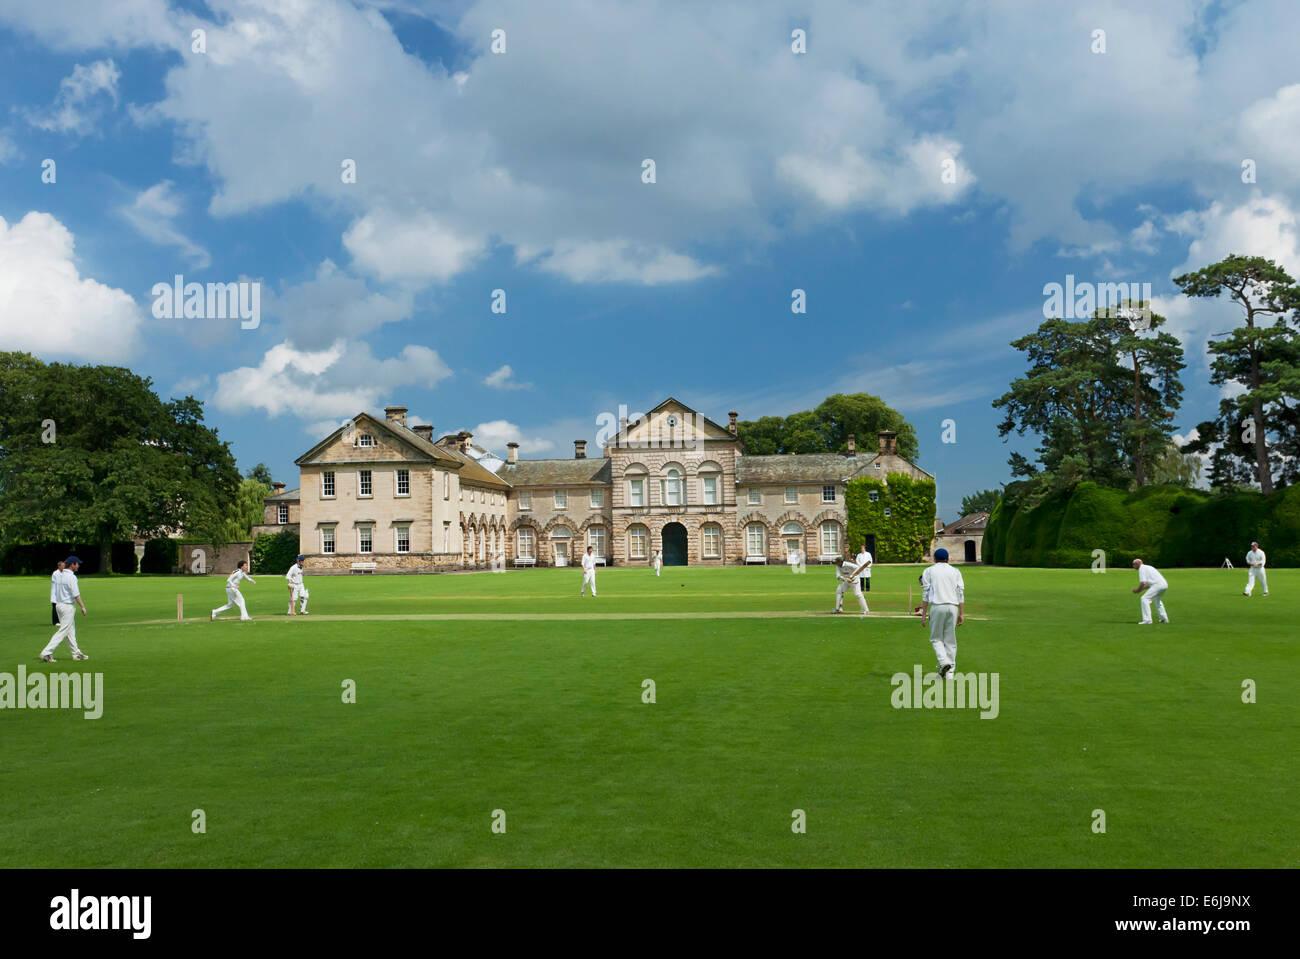 Casa de Hovingham partido de cricket Yorkshire del norte de Inglaterra Imagen De Stock